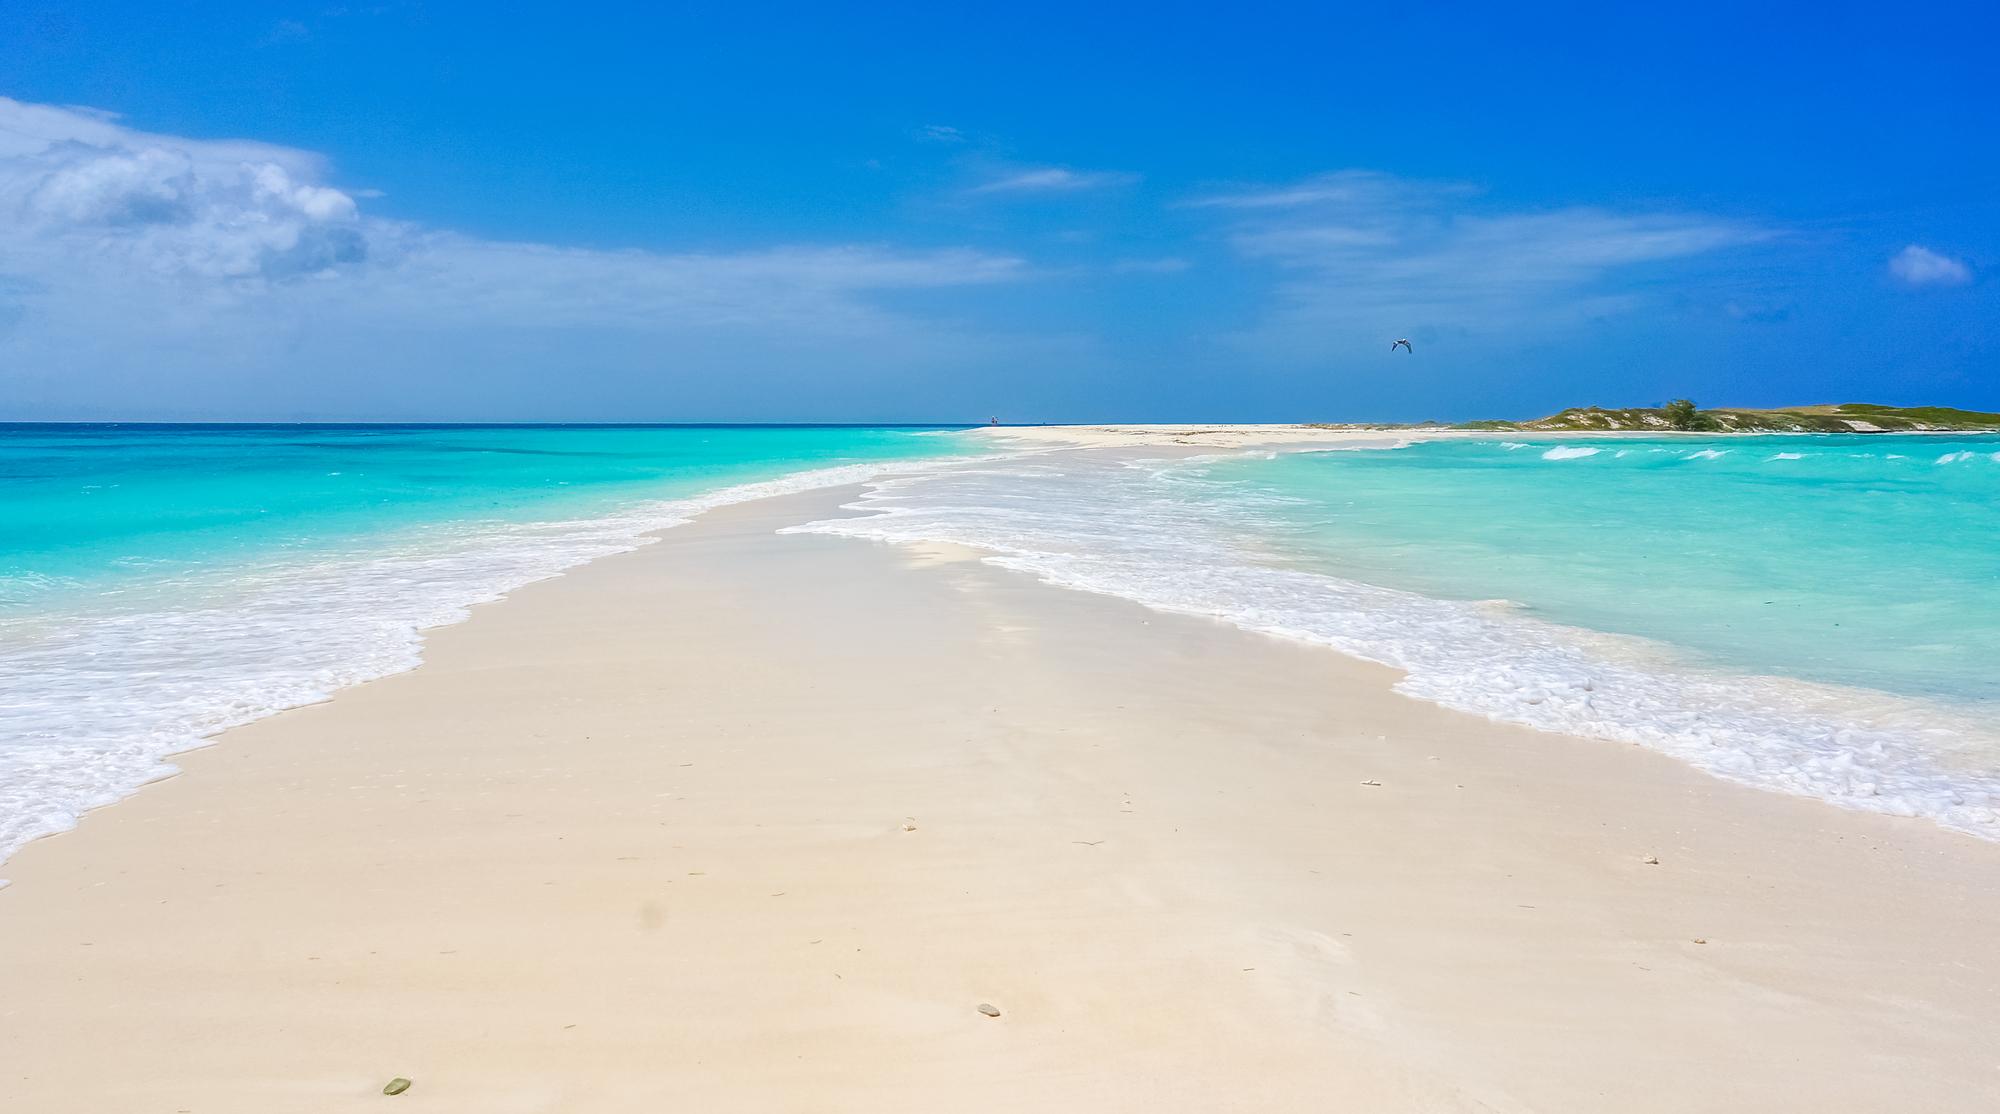 hauptreisezeit 8 tage traumhafte malediven mit direktflug strandunterkunft f r nur 661. Black Bedroom Furniture Sets. Home Design Ideas